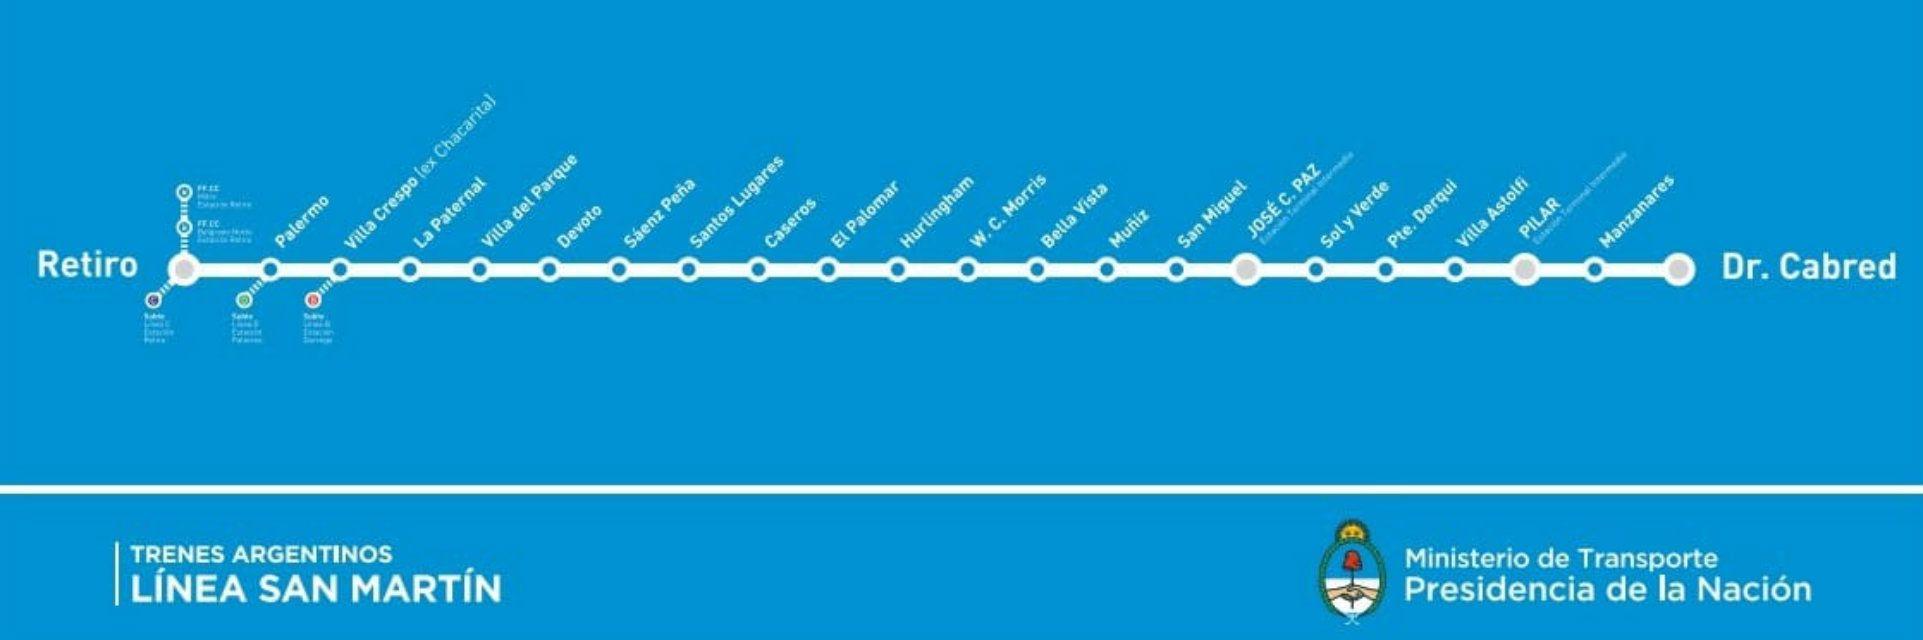 El recorrido de la línea San Martín estará limitado hasta mediados de 2019